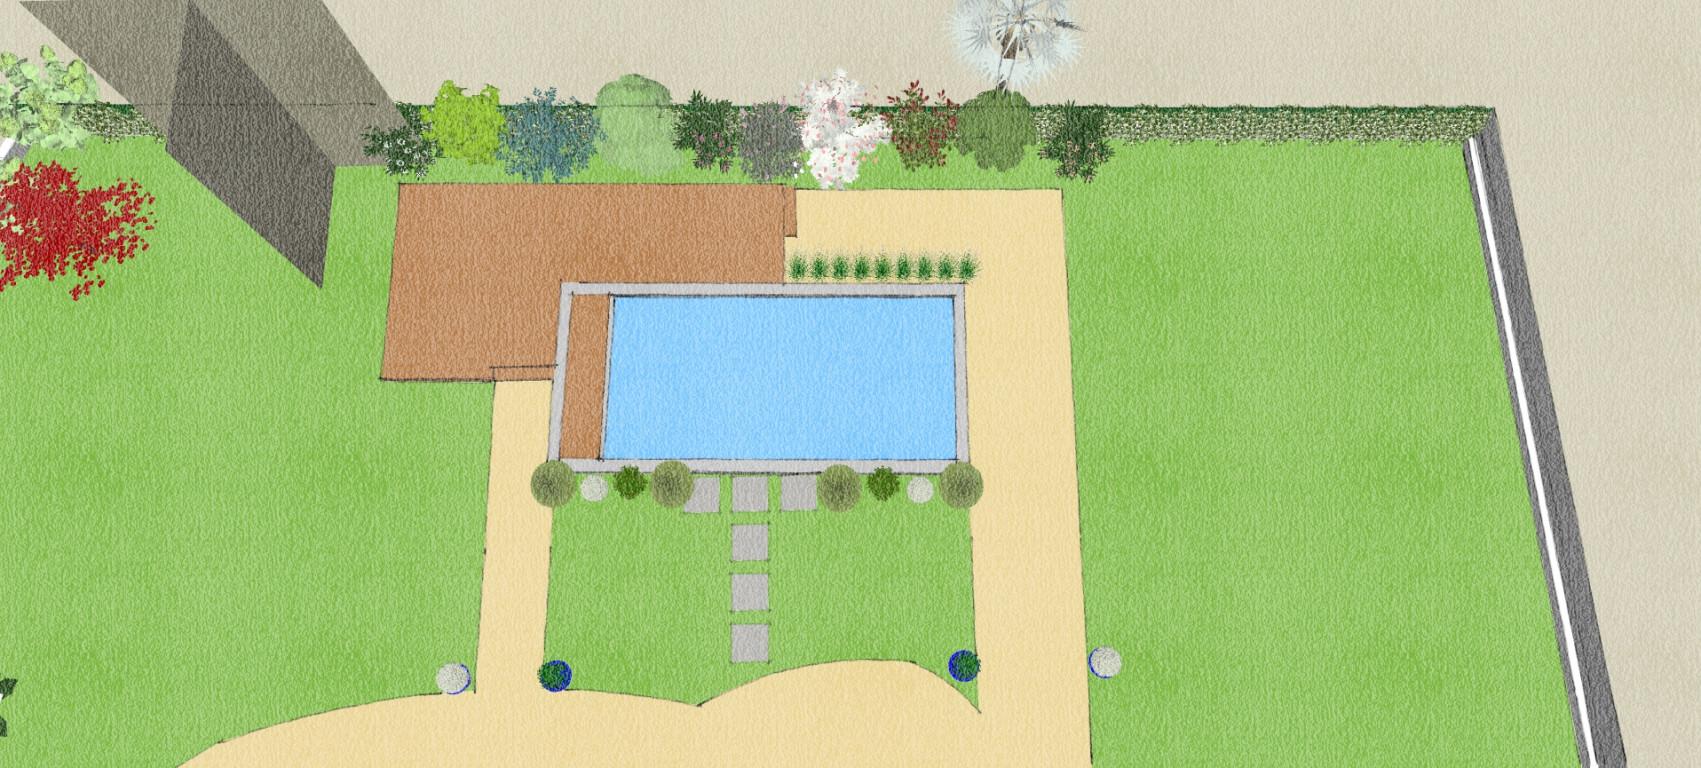 Paysagiste-Bayonne-piscine-création cheminement-et-zone-de-vie-20